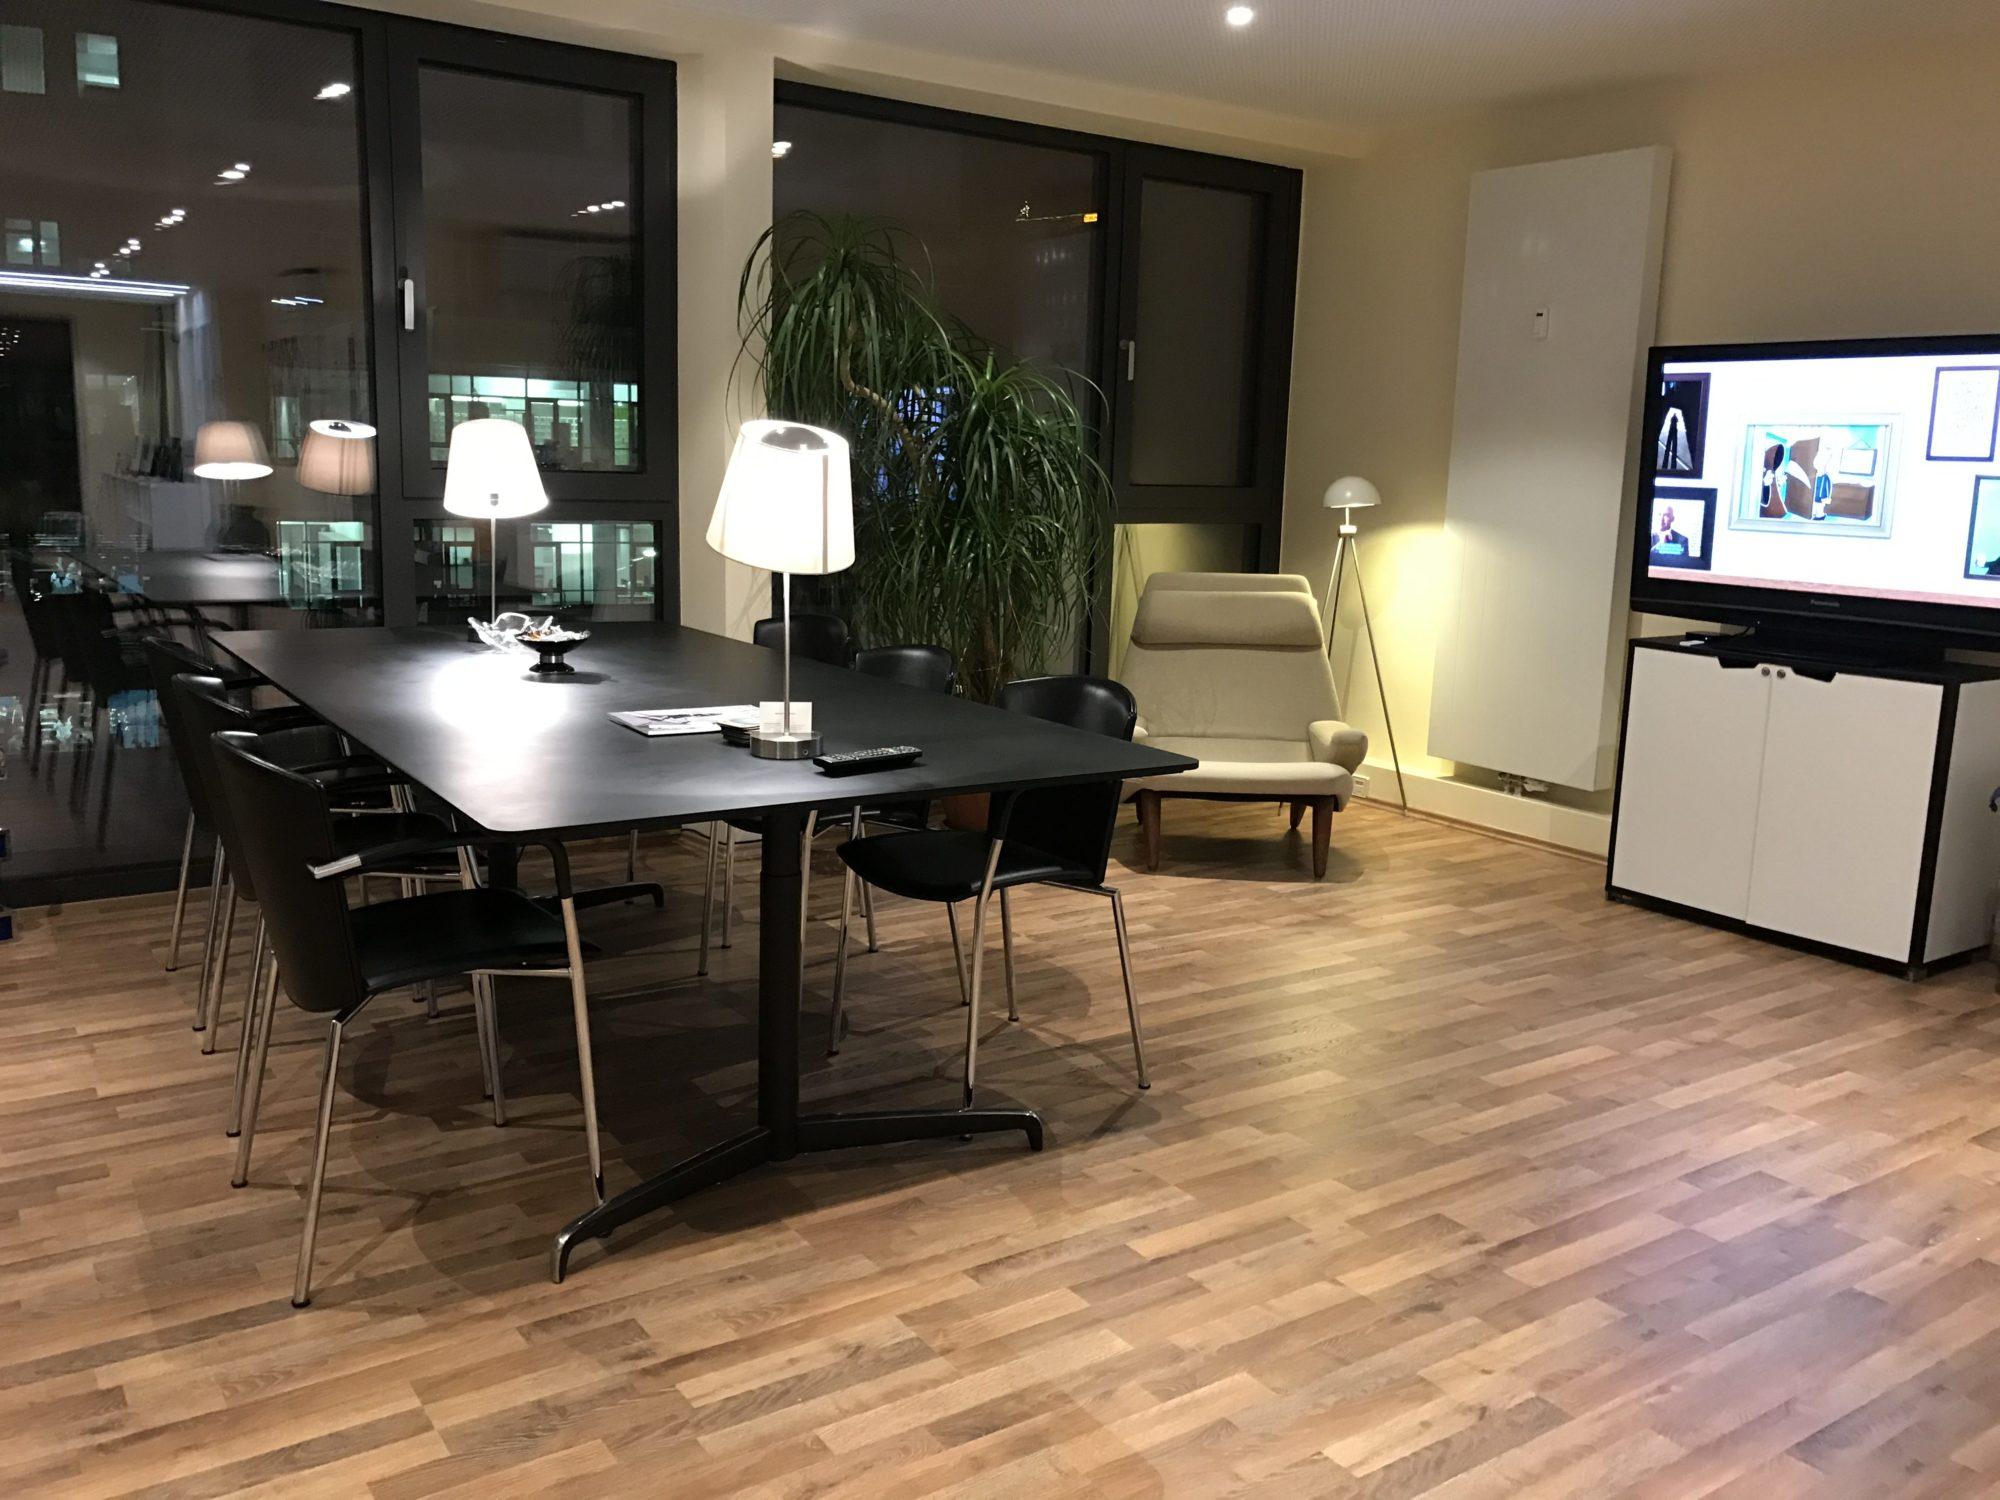 Der Arbeitsbereich unseres Büros bei Nacht